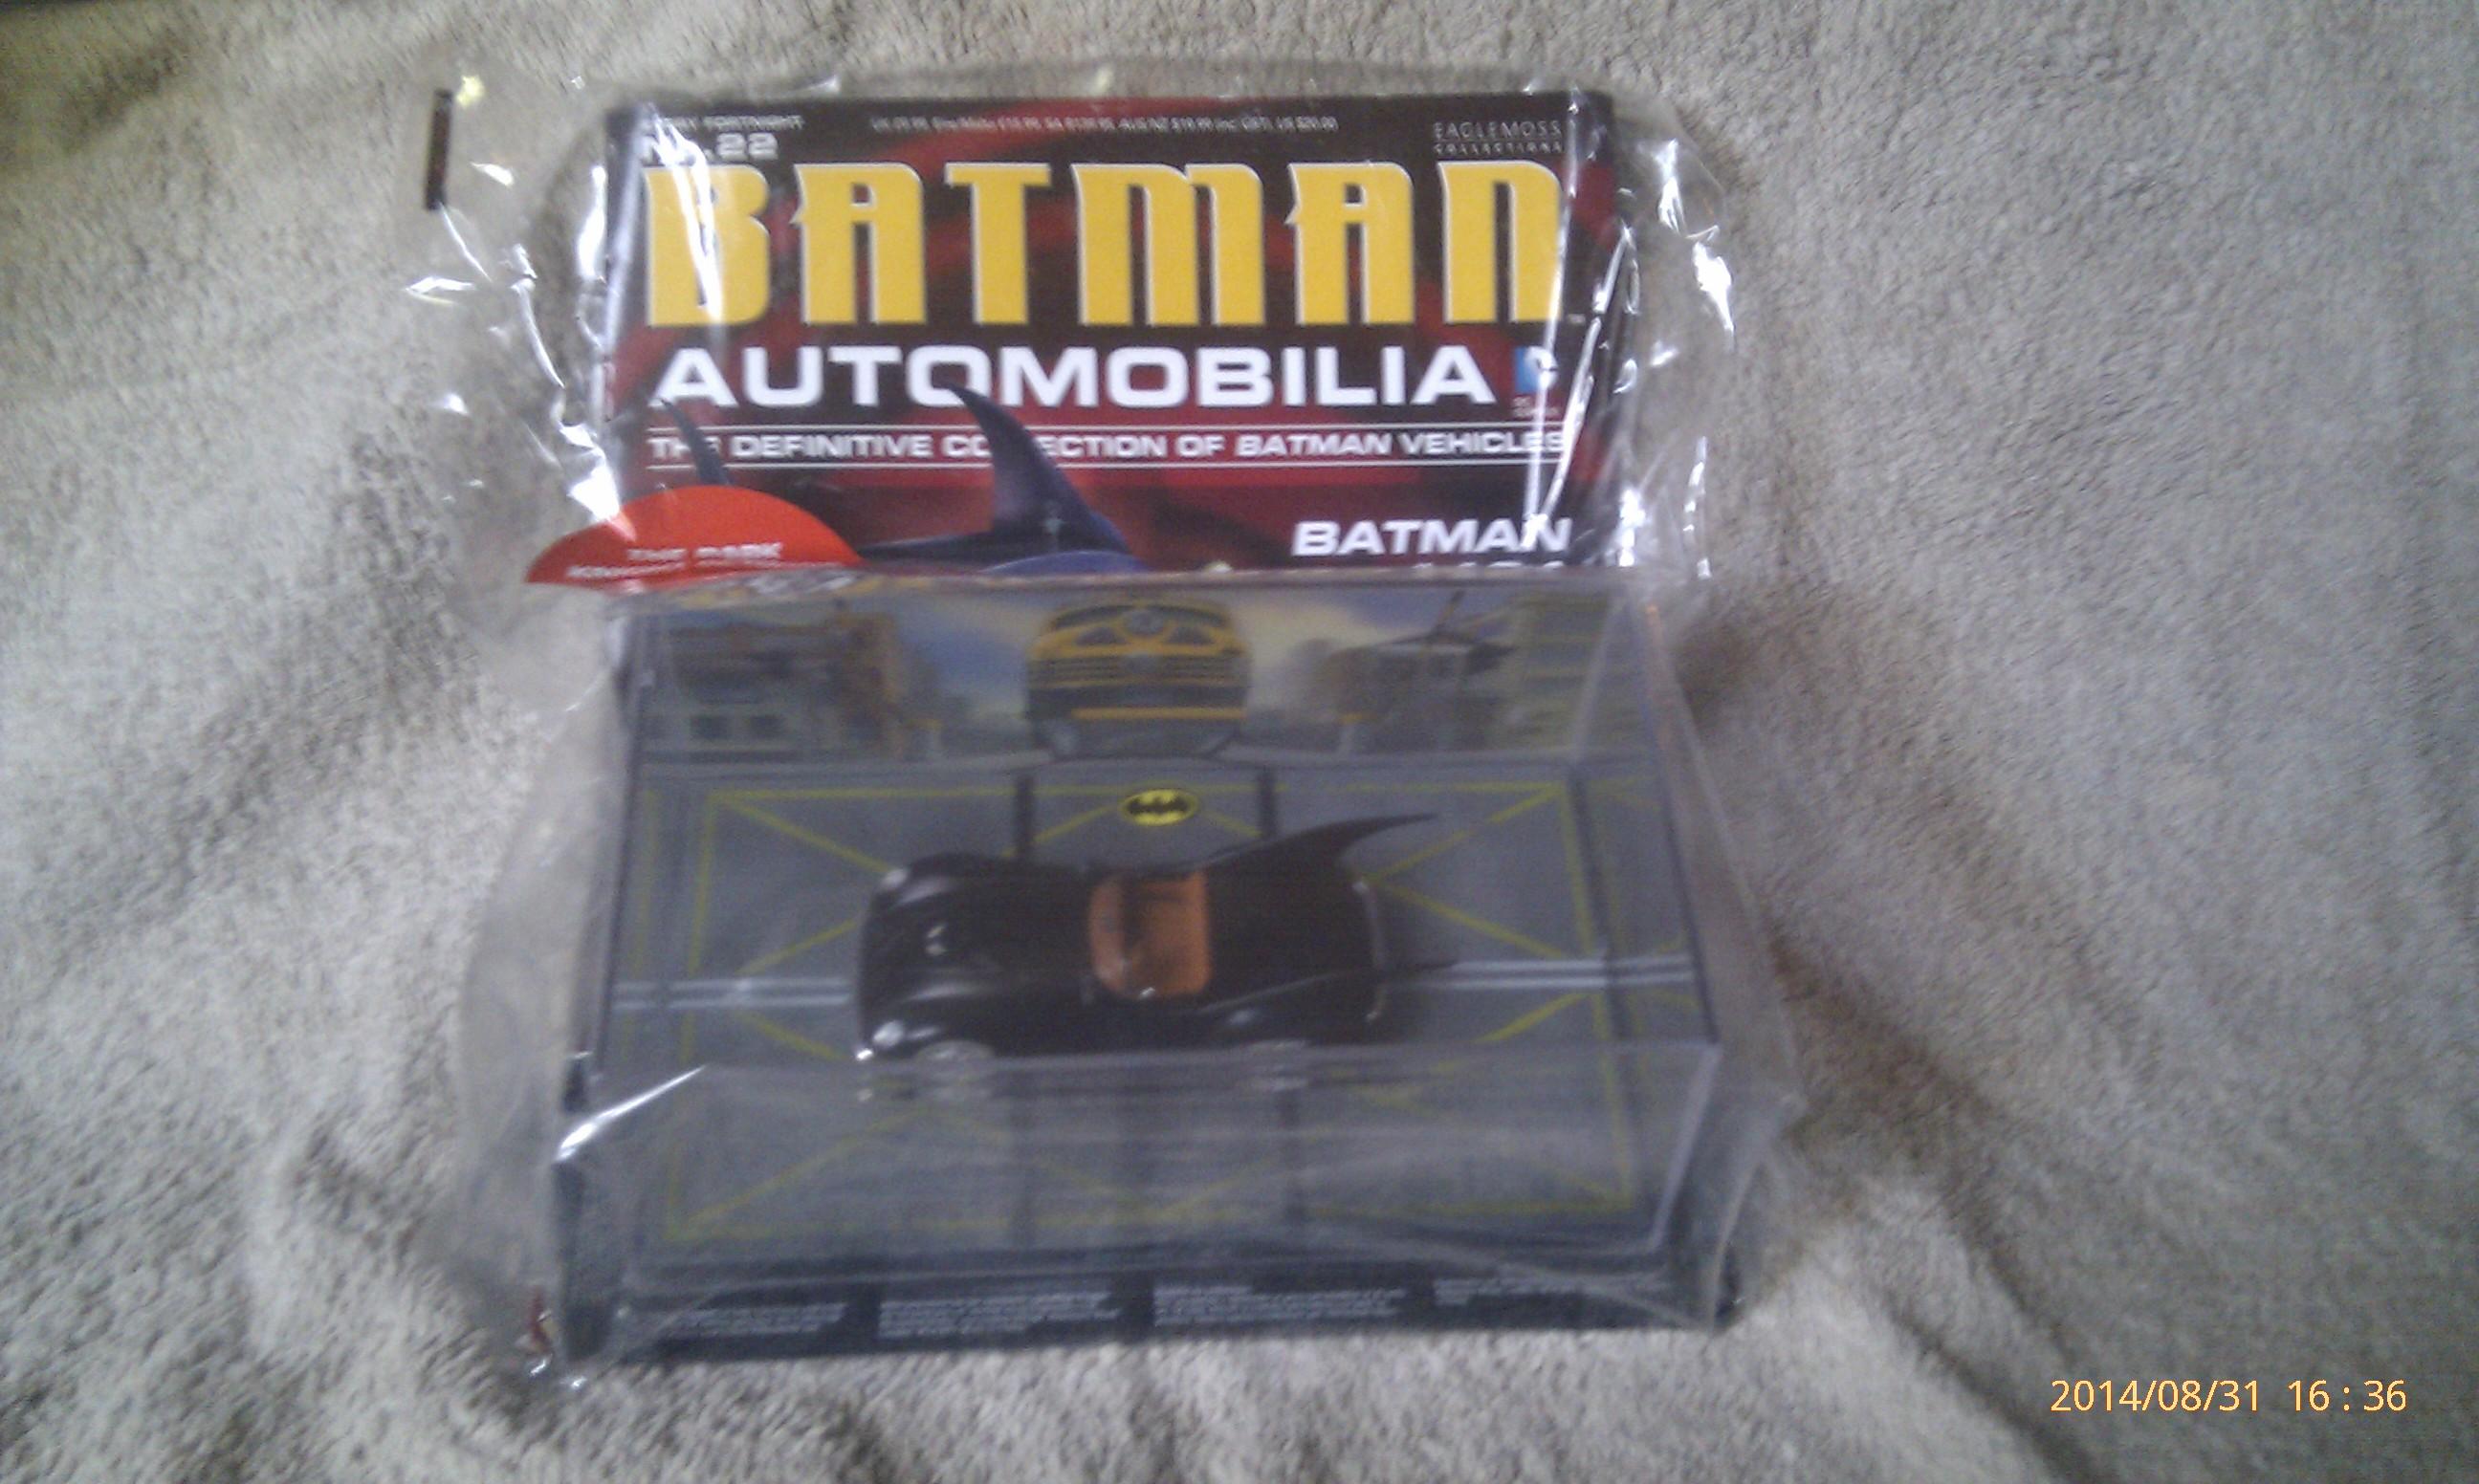 Batman Automobilia 22 - Batman #164